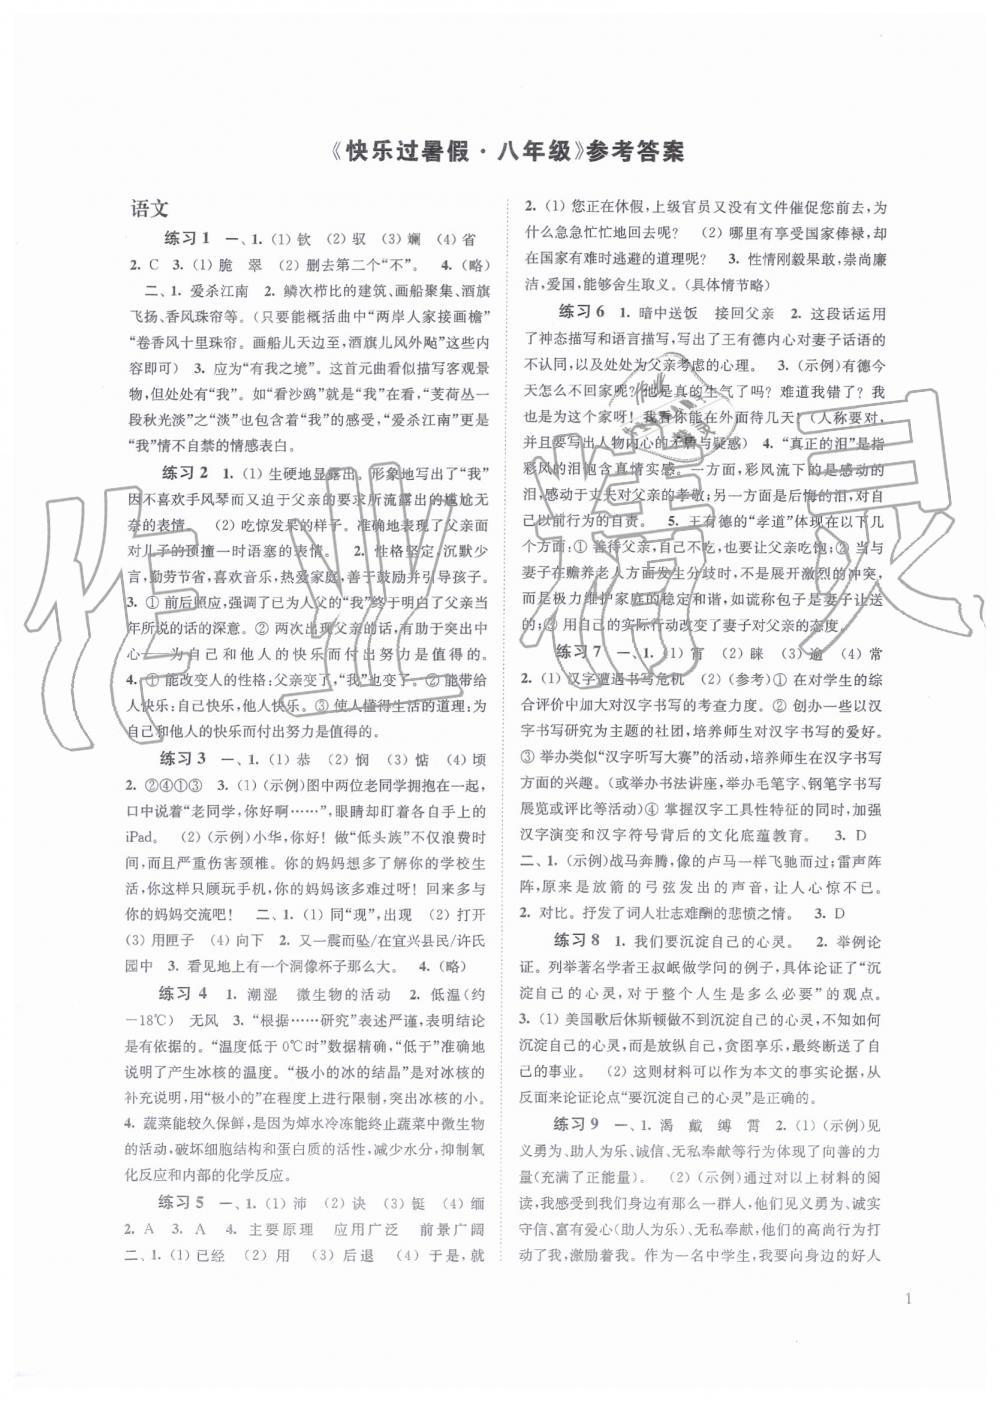 2019年快樂過暑假八年級第1頁